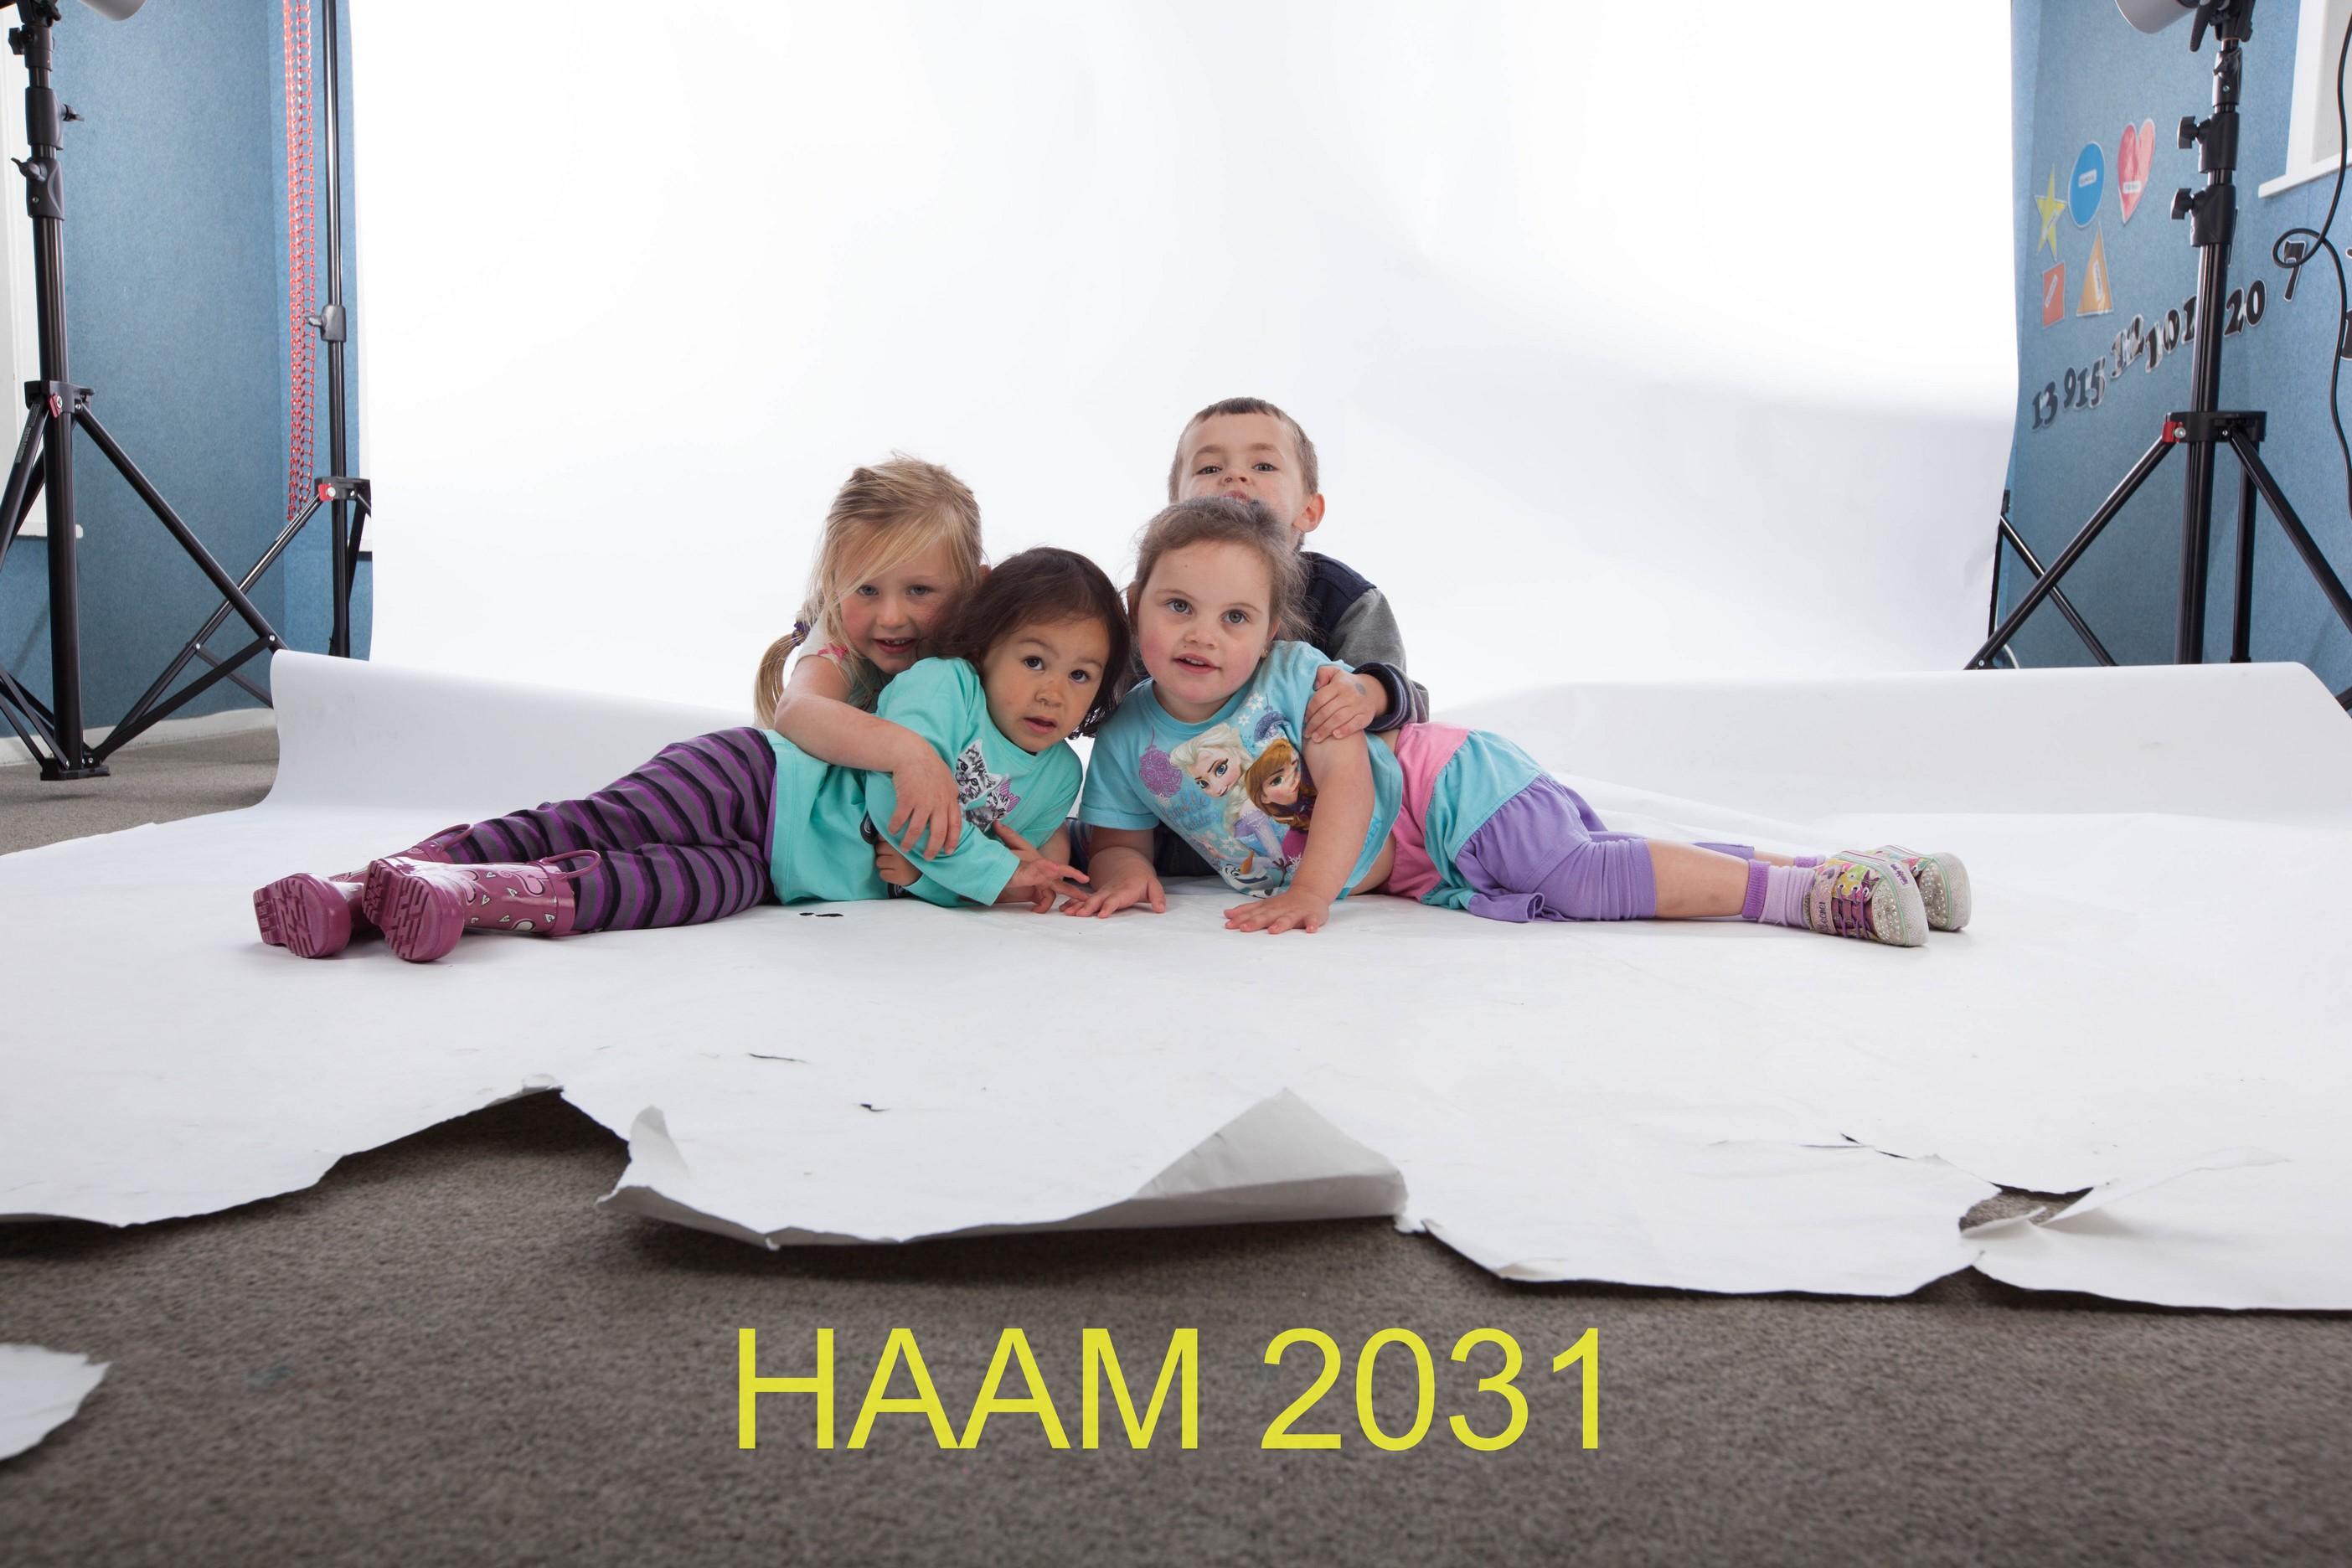 HAAM 2031